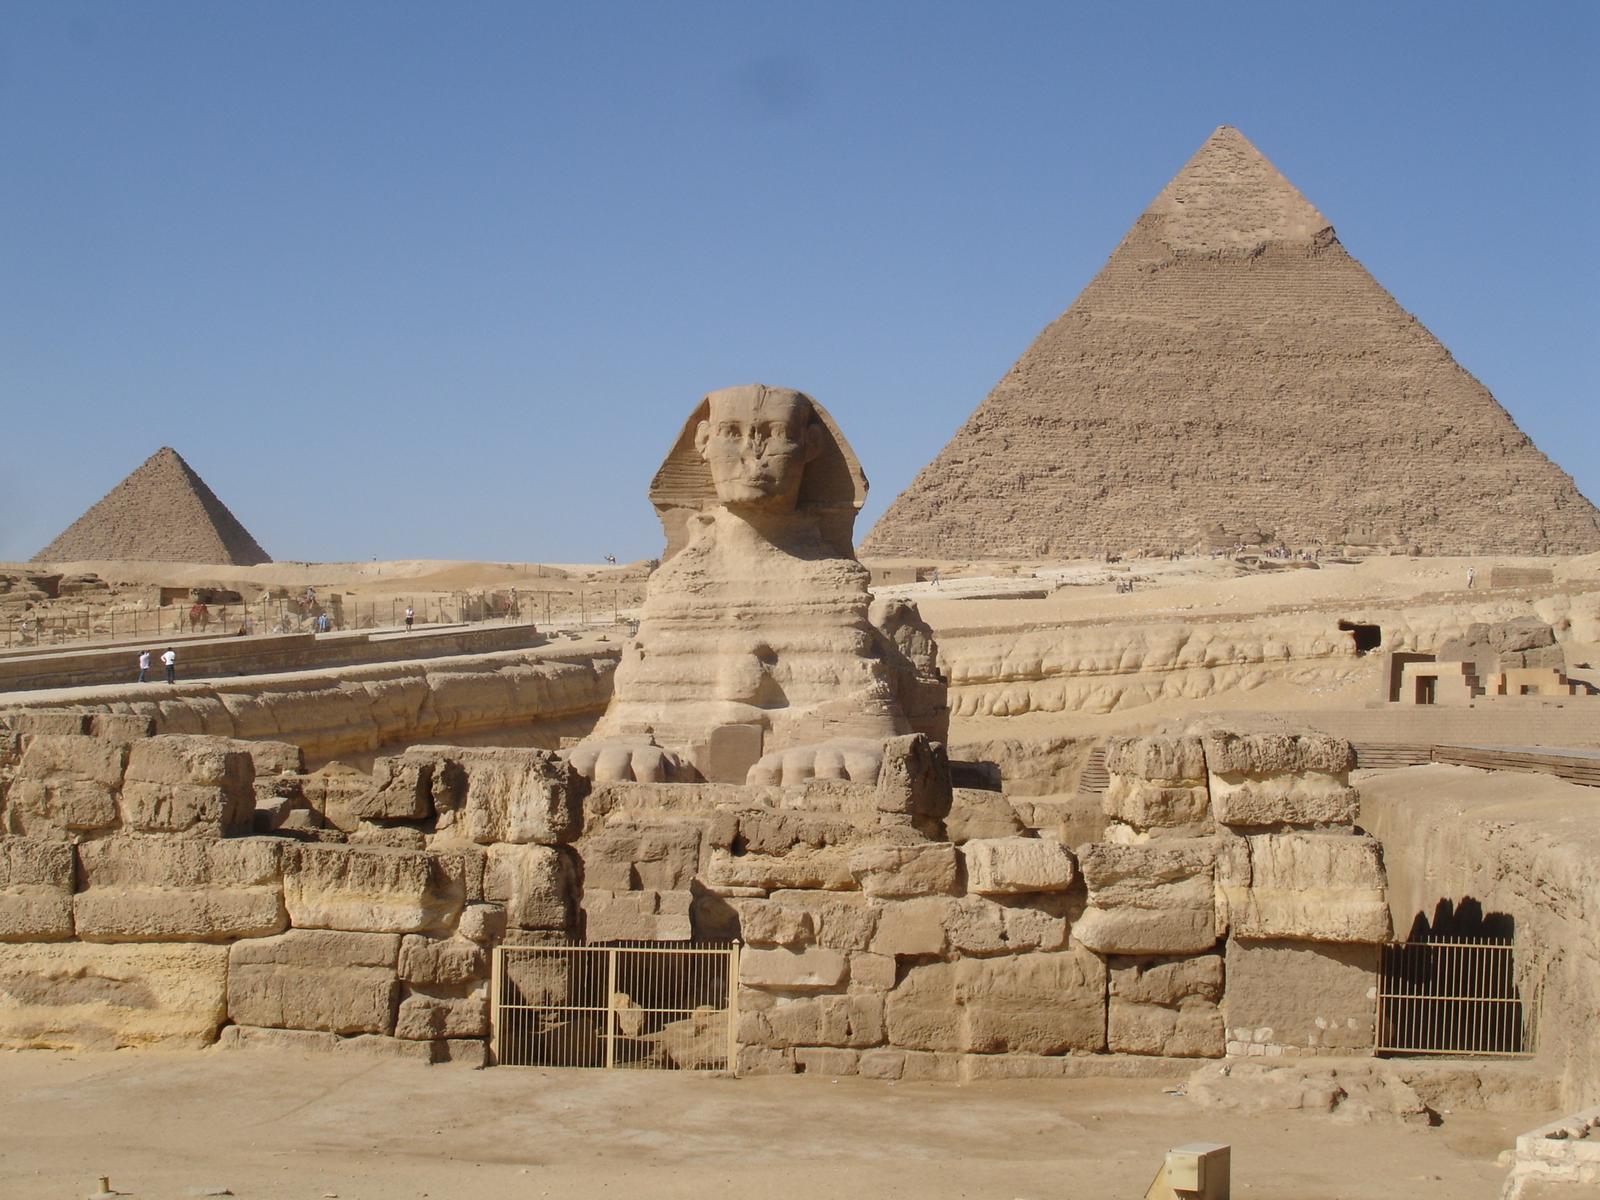 egipto piramides y esfinge